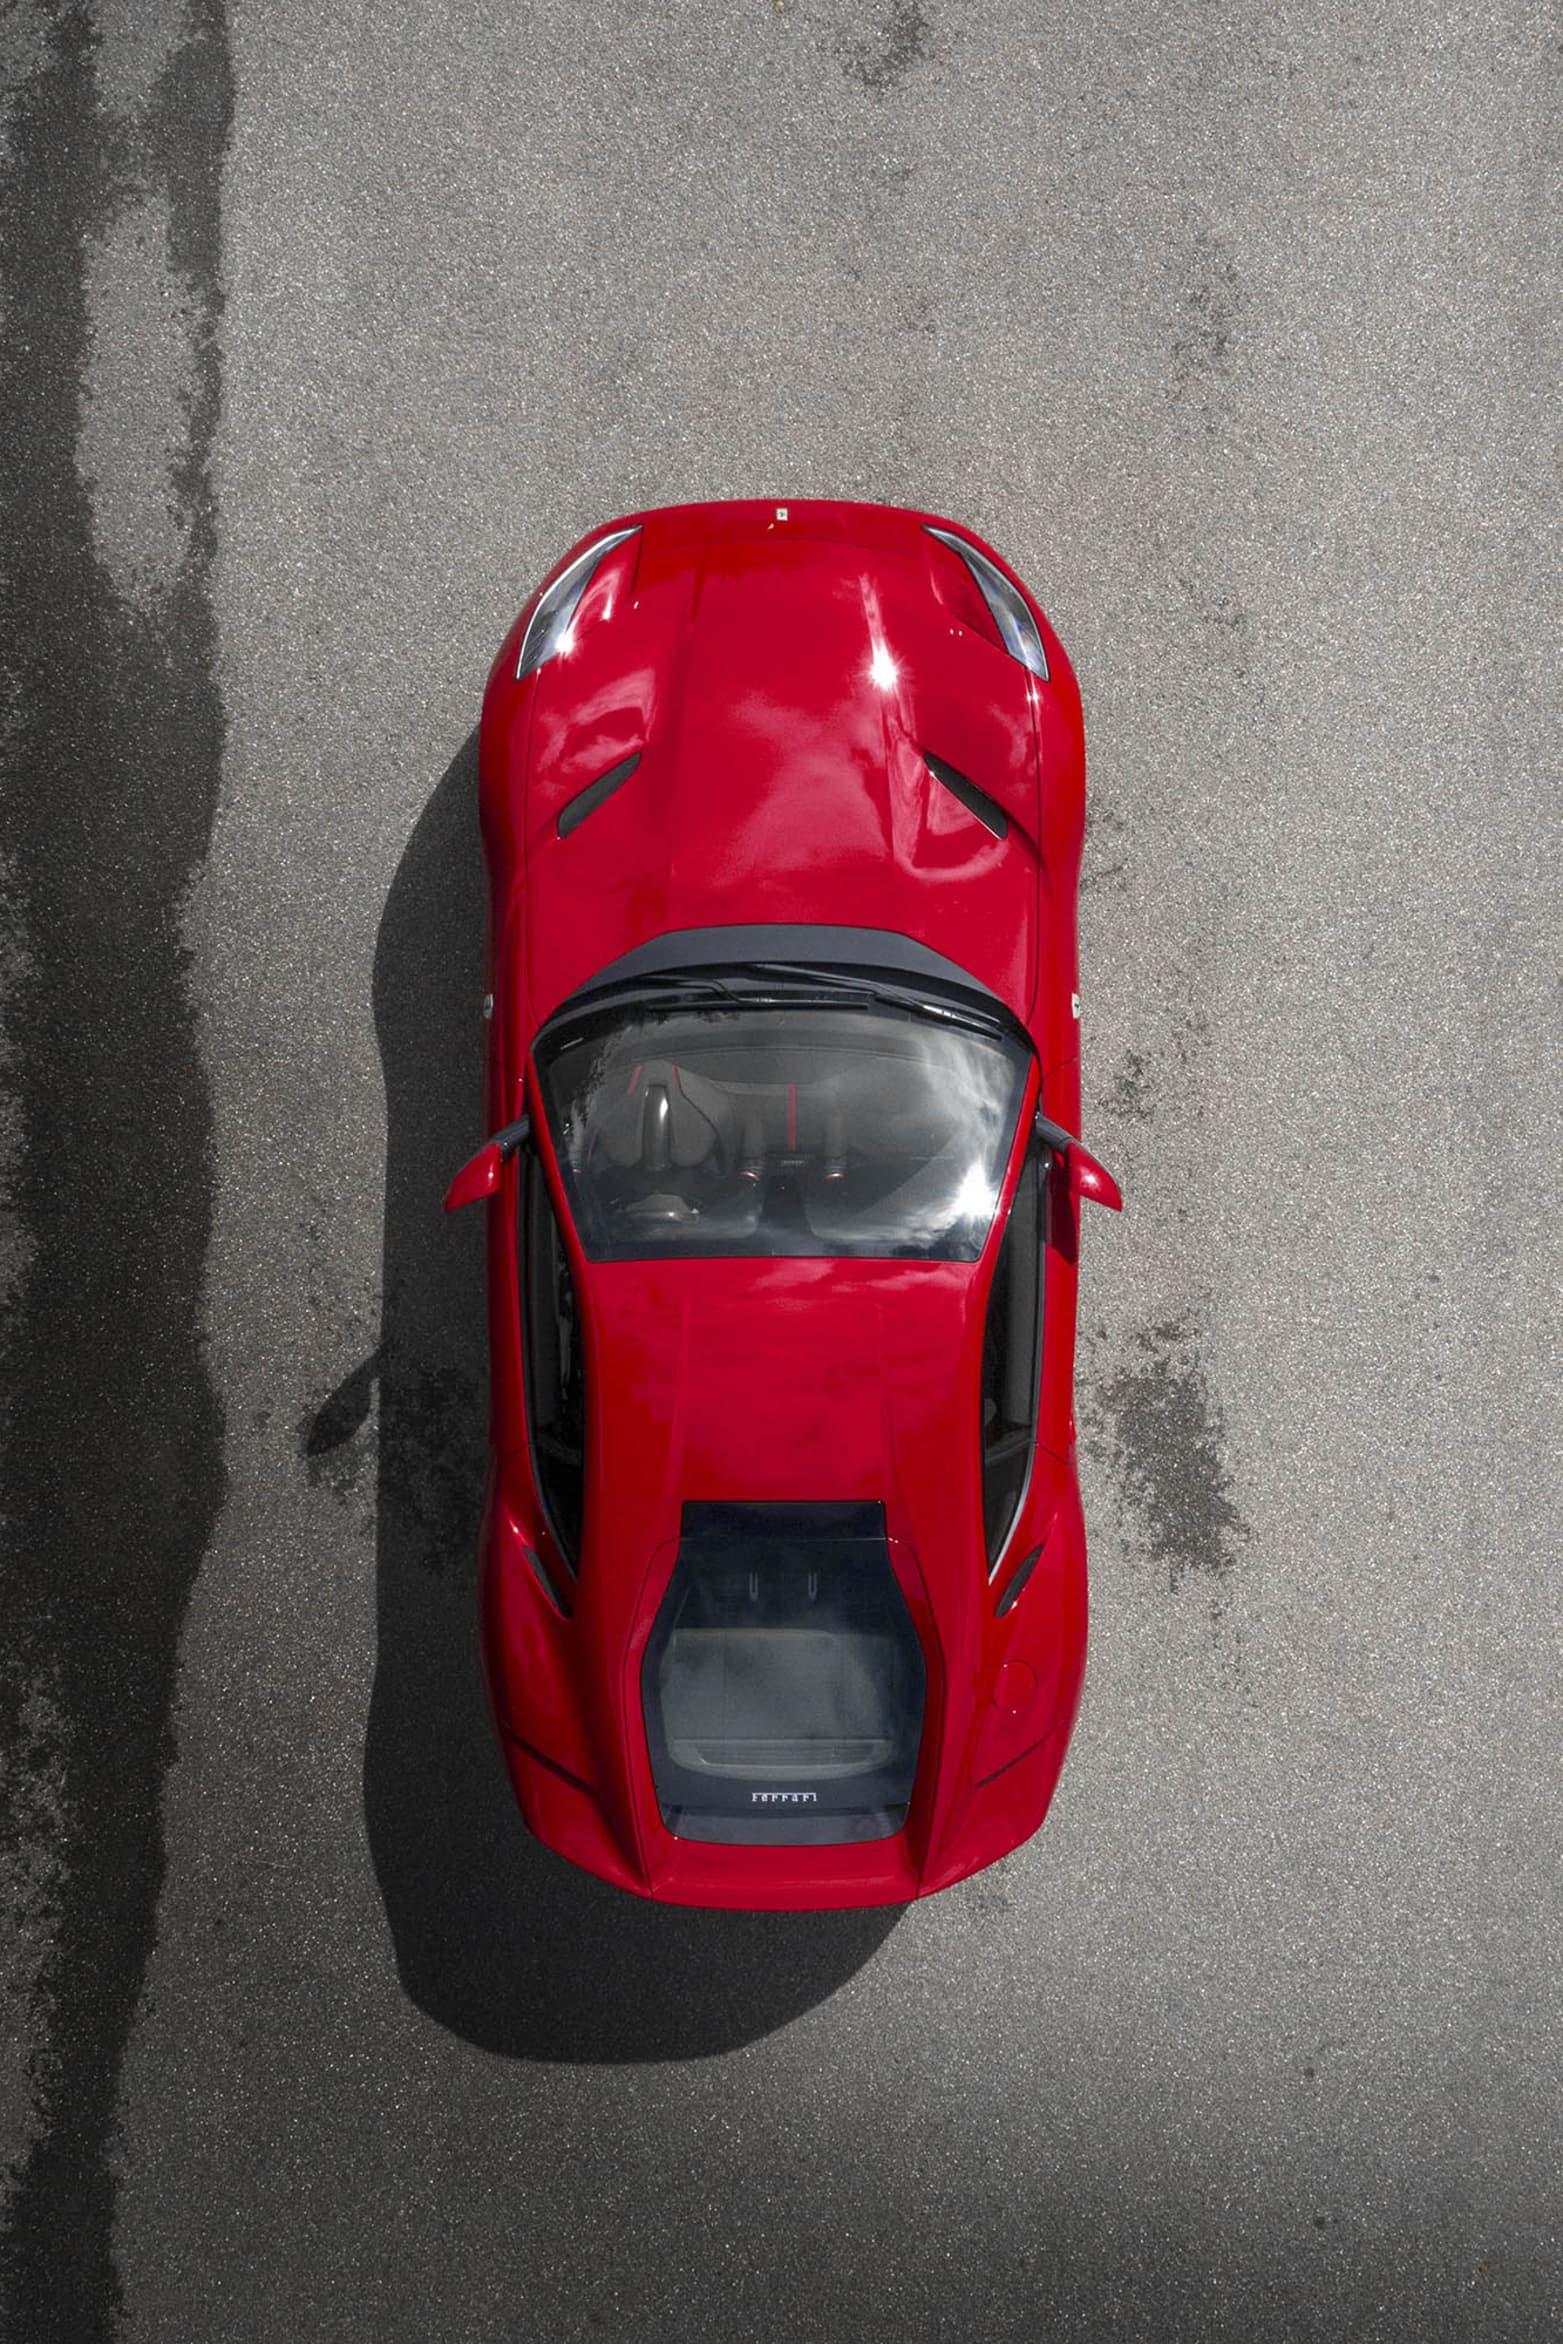 Ferrari 812 Superfast ovanifrån, en röd leksaksbil för tre ochen halv miljon kronor!